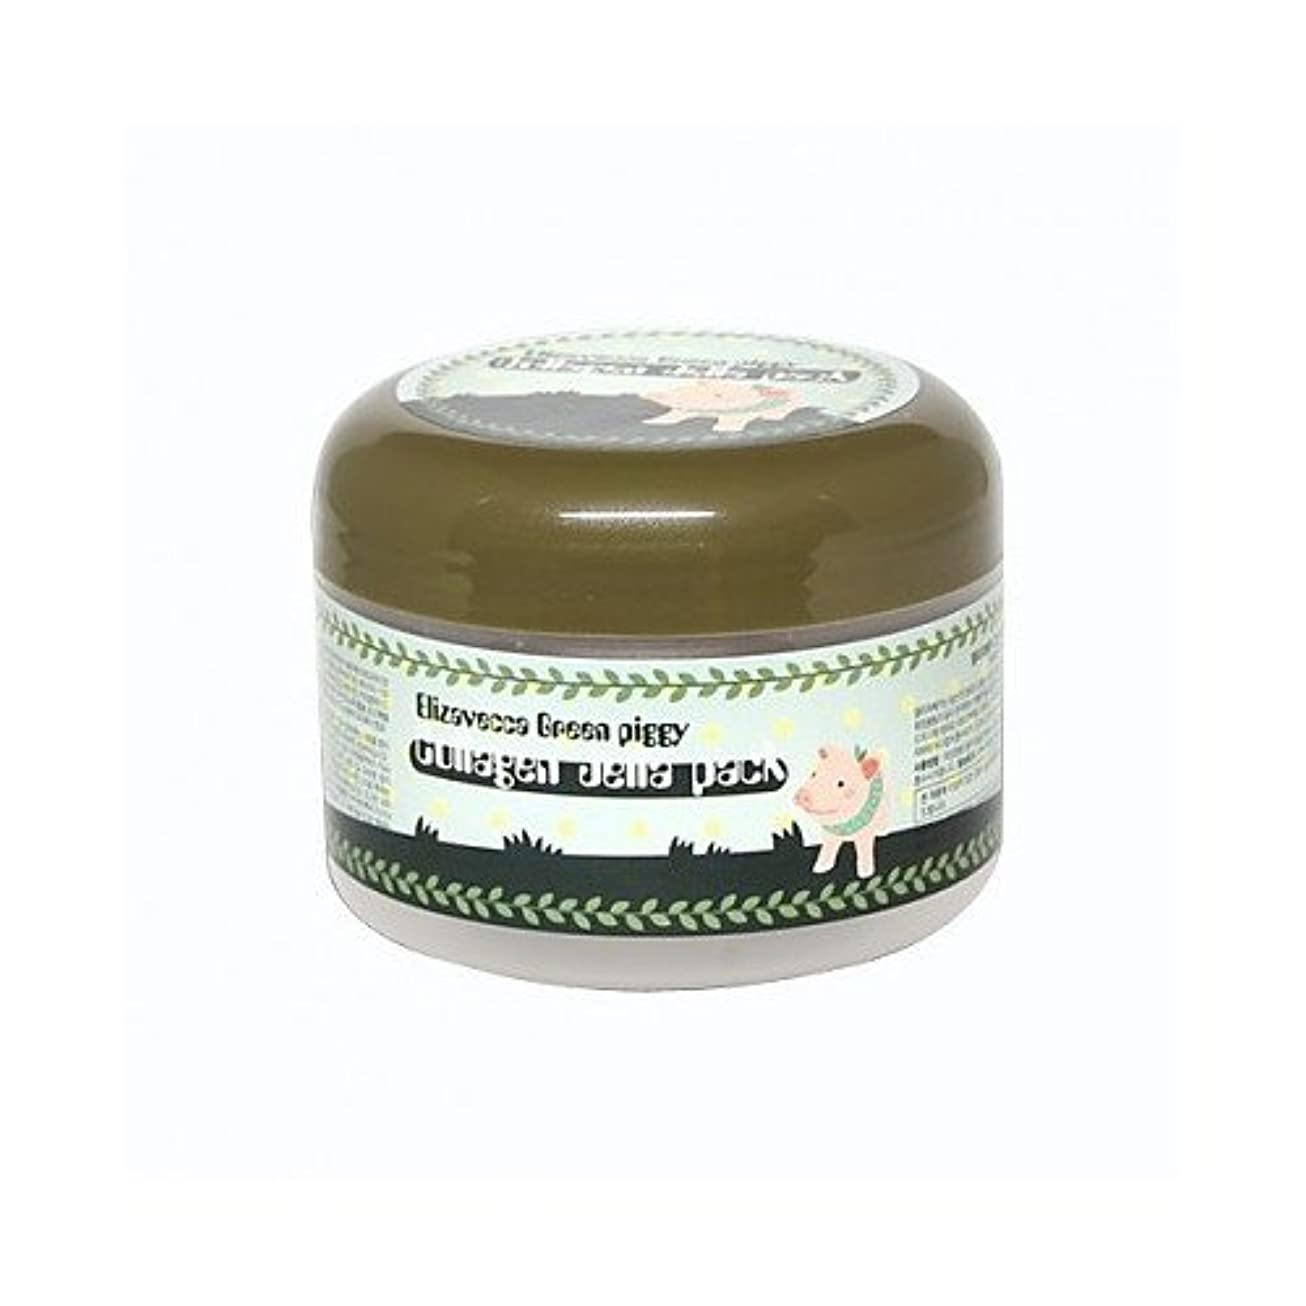 軽量ピクニックをする起きている(3 Pack) ELIZAVECCA Green piggy collagen jella pack (並行輸入品)